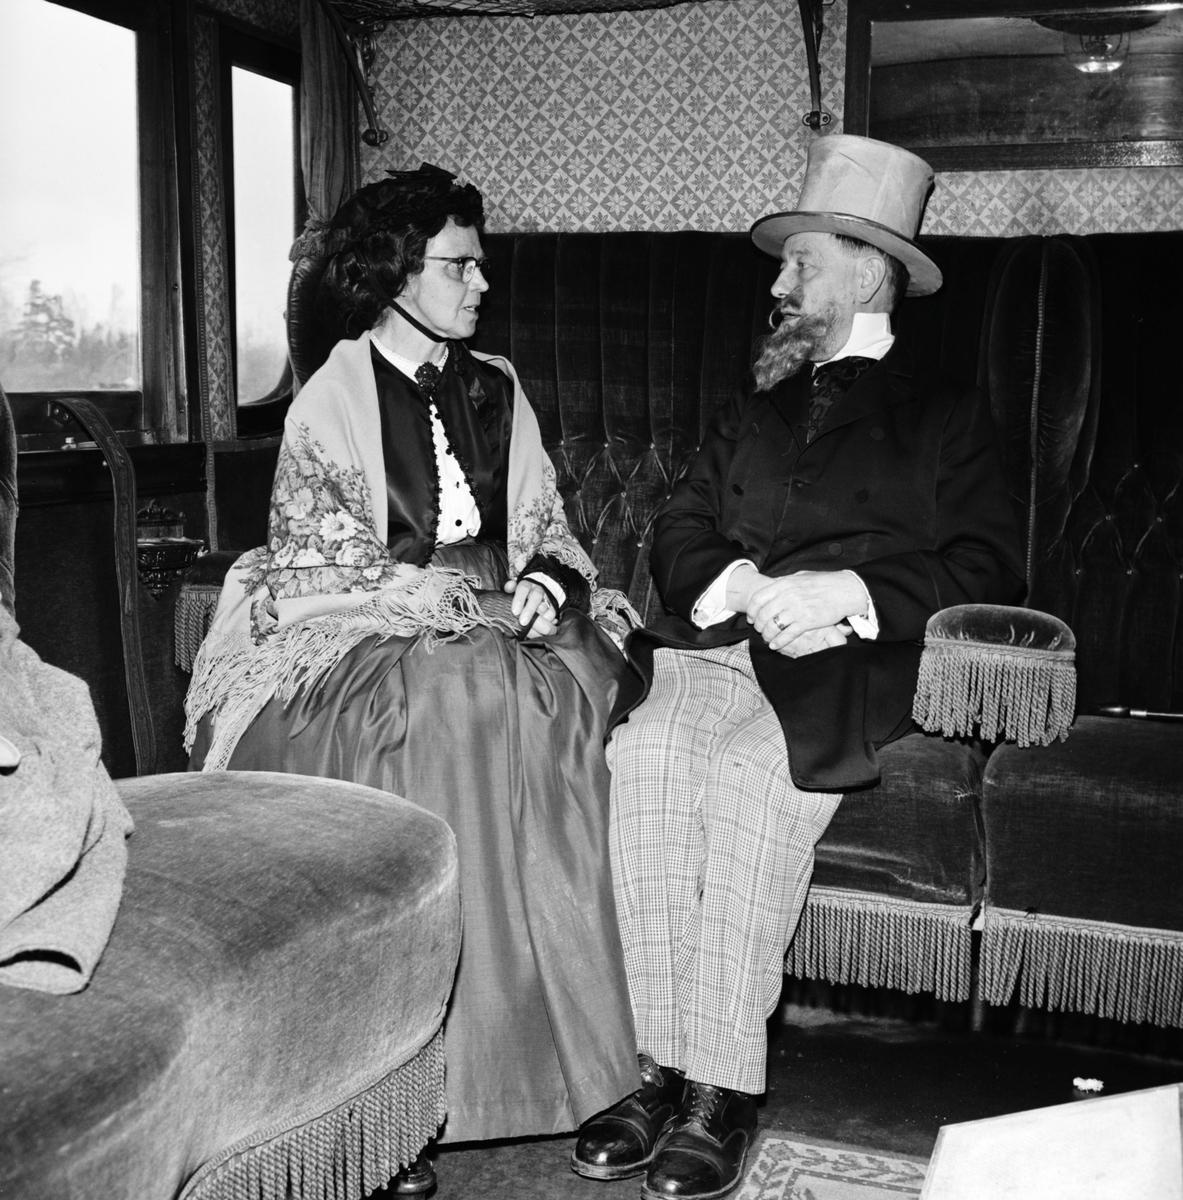 Historiska tågets resa från Stockholm till Göteborg för invigningen av Tåg 62. SJ AB 289